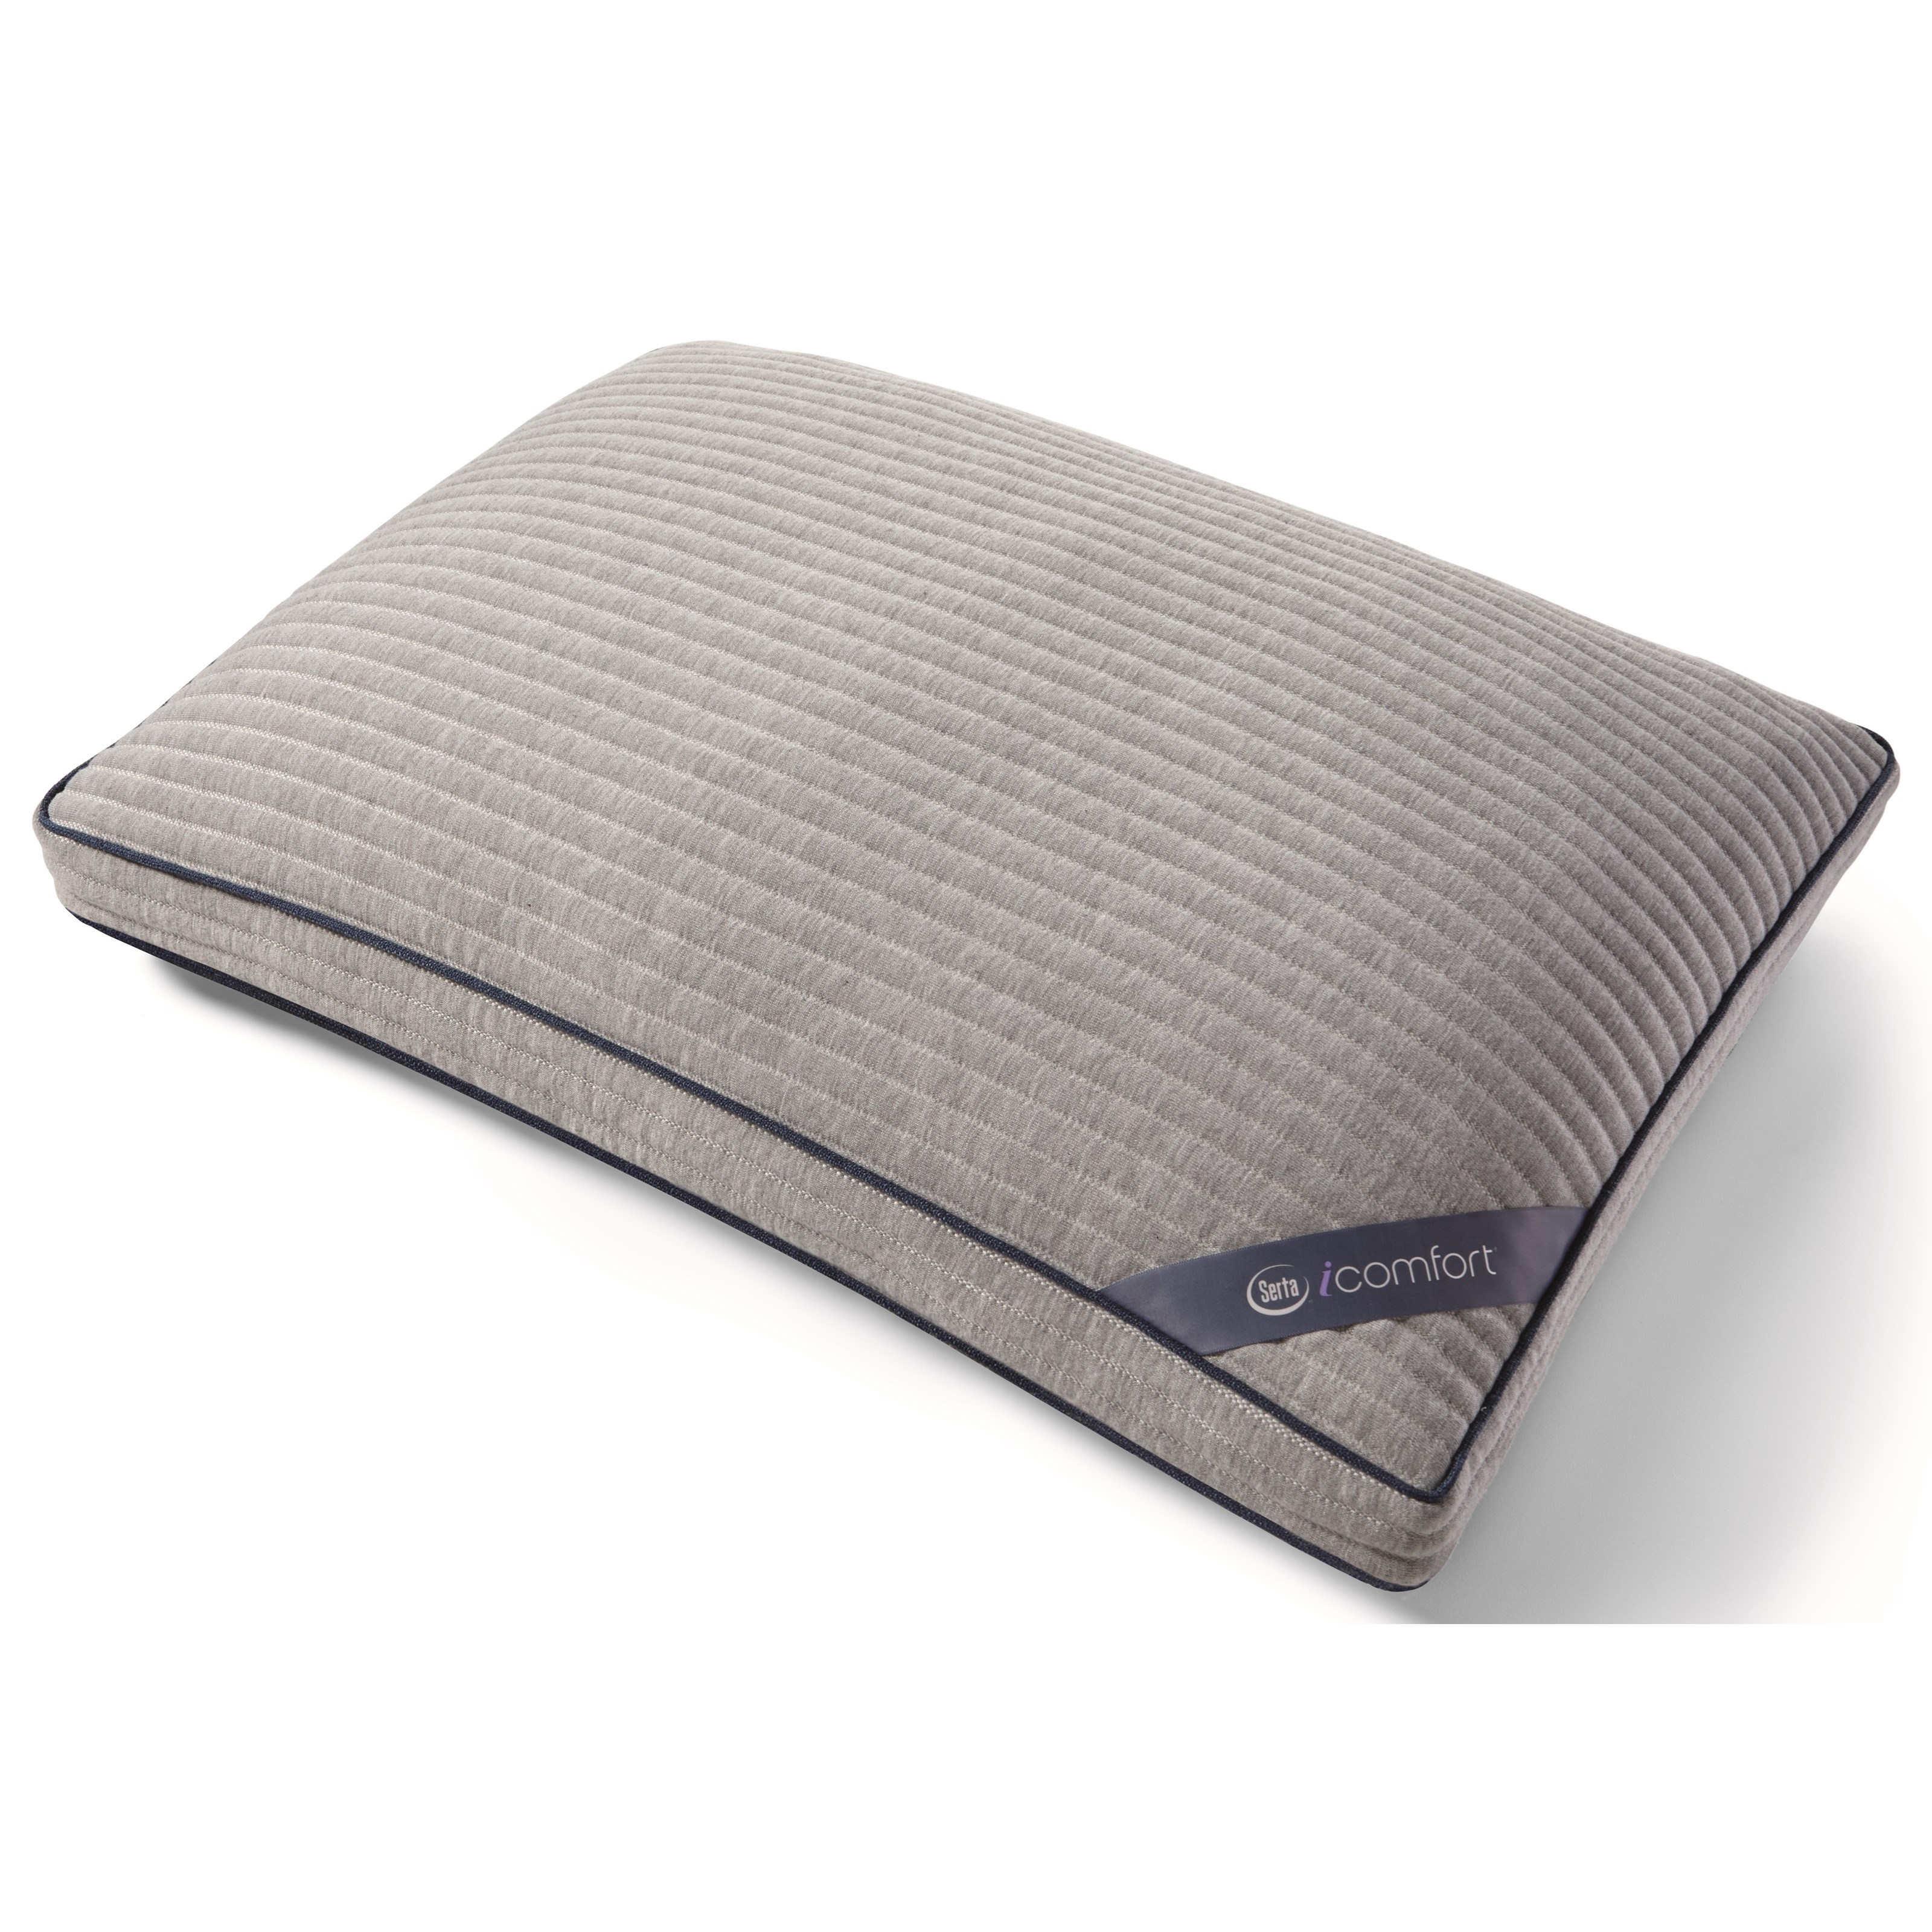 King TempActiv Scrunch Pillow